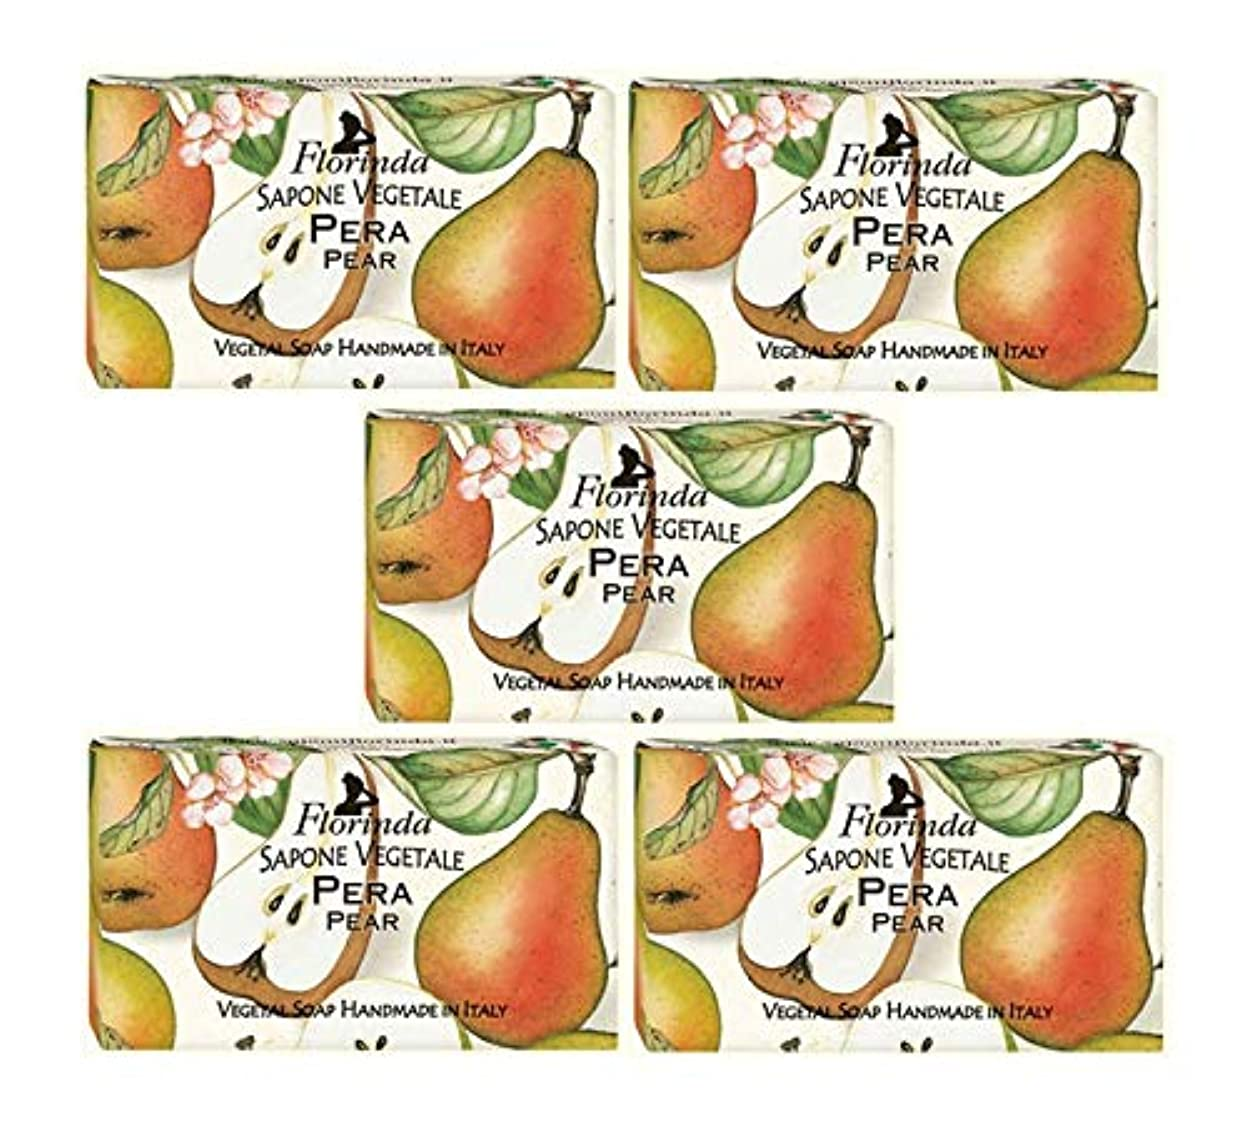 シュリンク箱ウォーターフロントフロリンダ フレグランスソープ 固形石けん フルーツの香り ペア 95g×5個セット